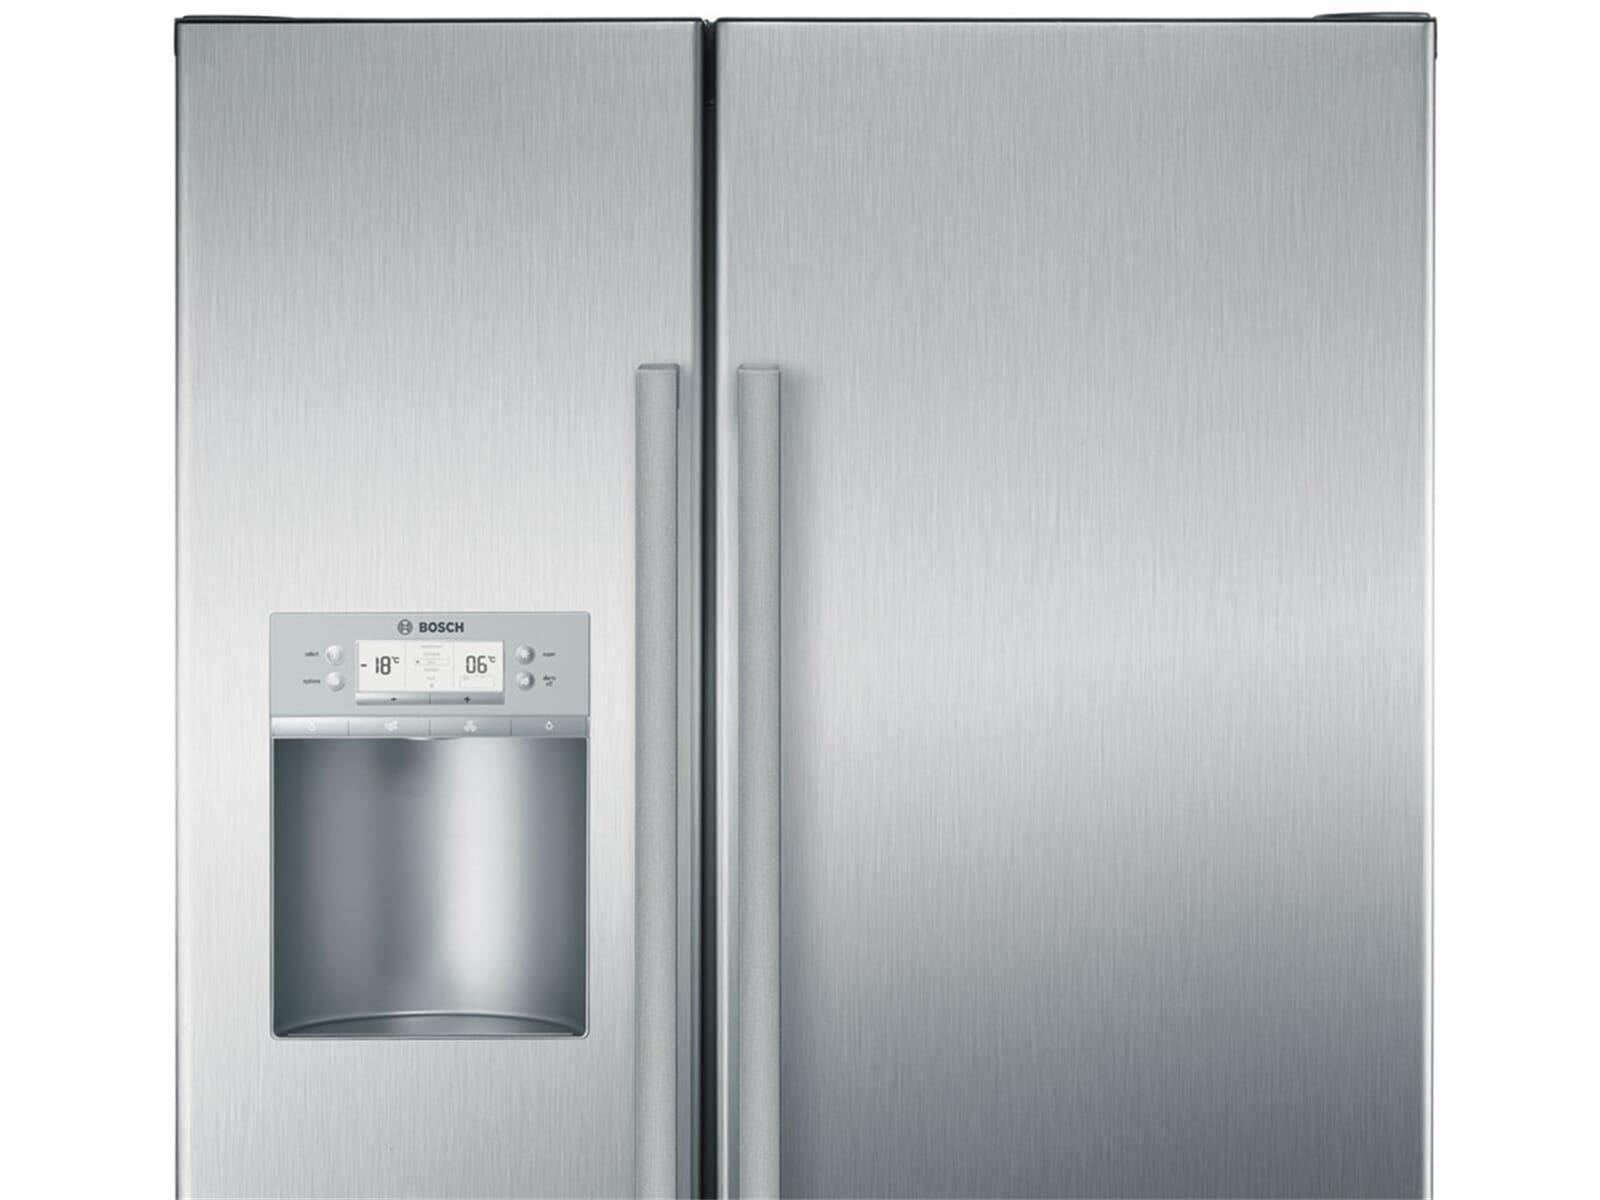 Bosch Kühlschrank Einstellung Super : Bosch side by side kühlschrank bedienungsanleitung rachael haugh